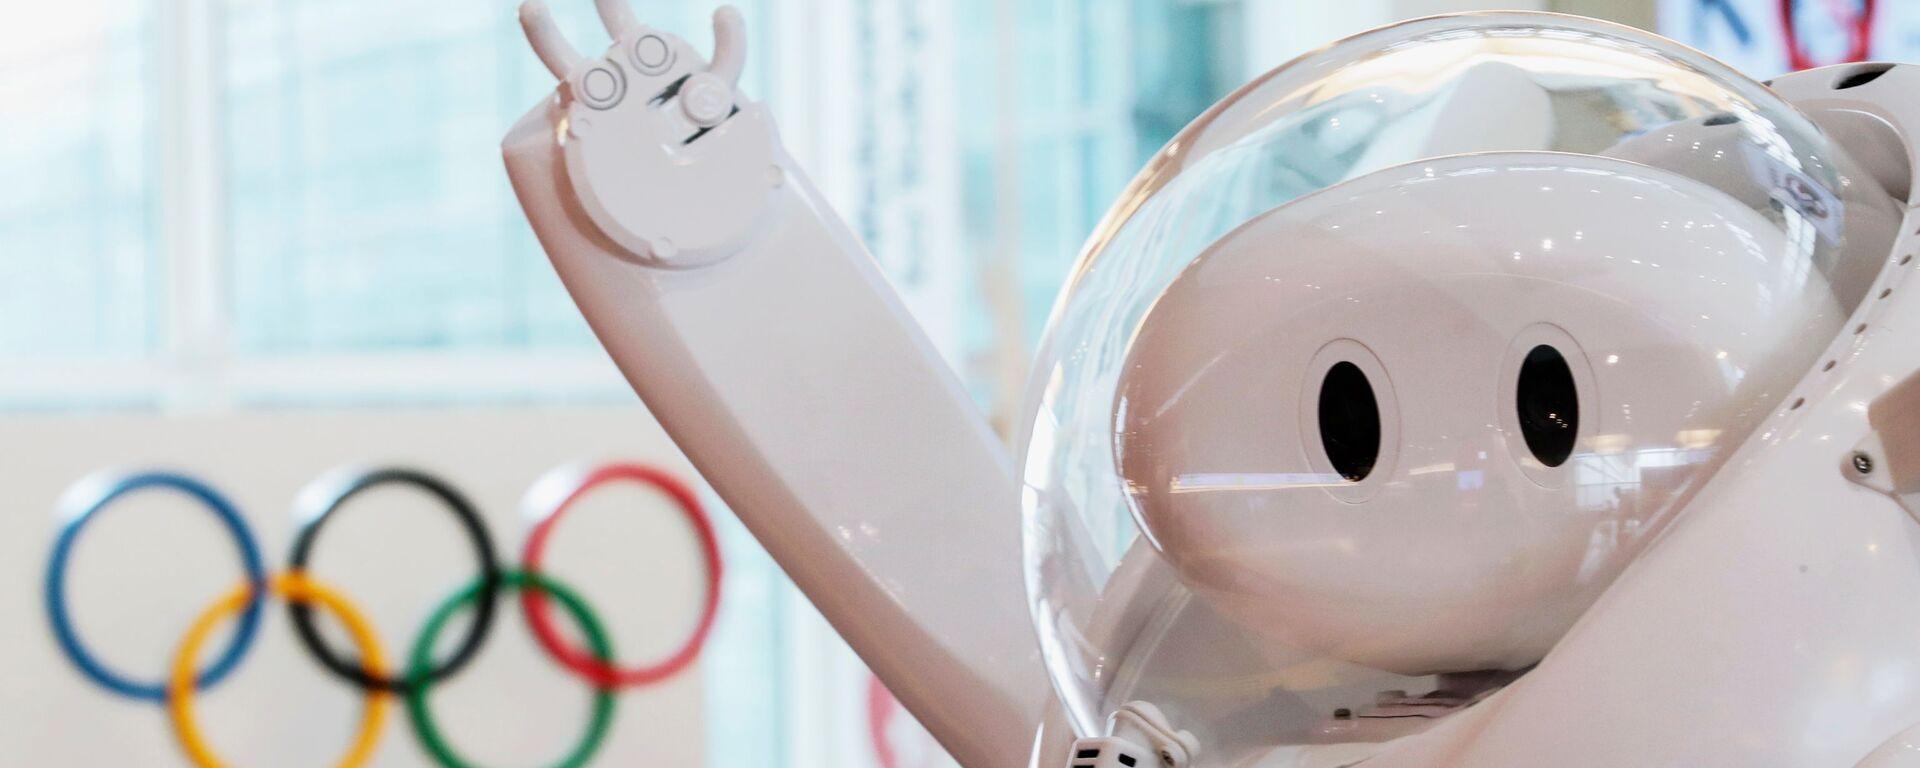 Робот у информационной стойки в аэропорту Haneda  - Sputnik Italia, 1920, 24.07.2021